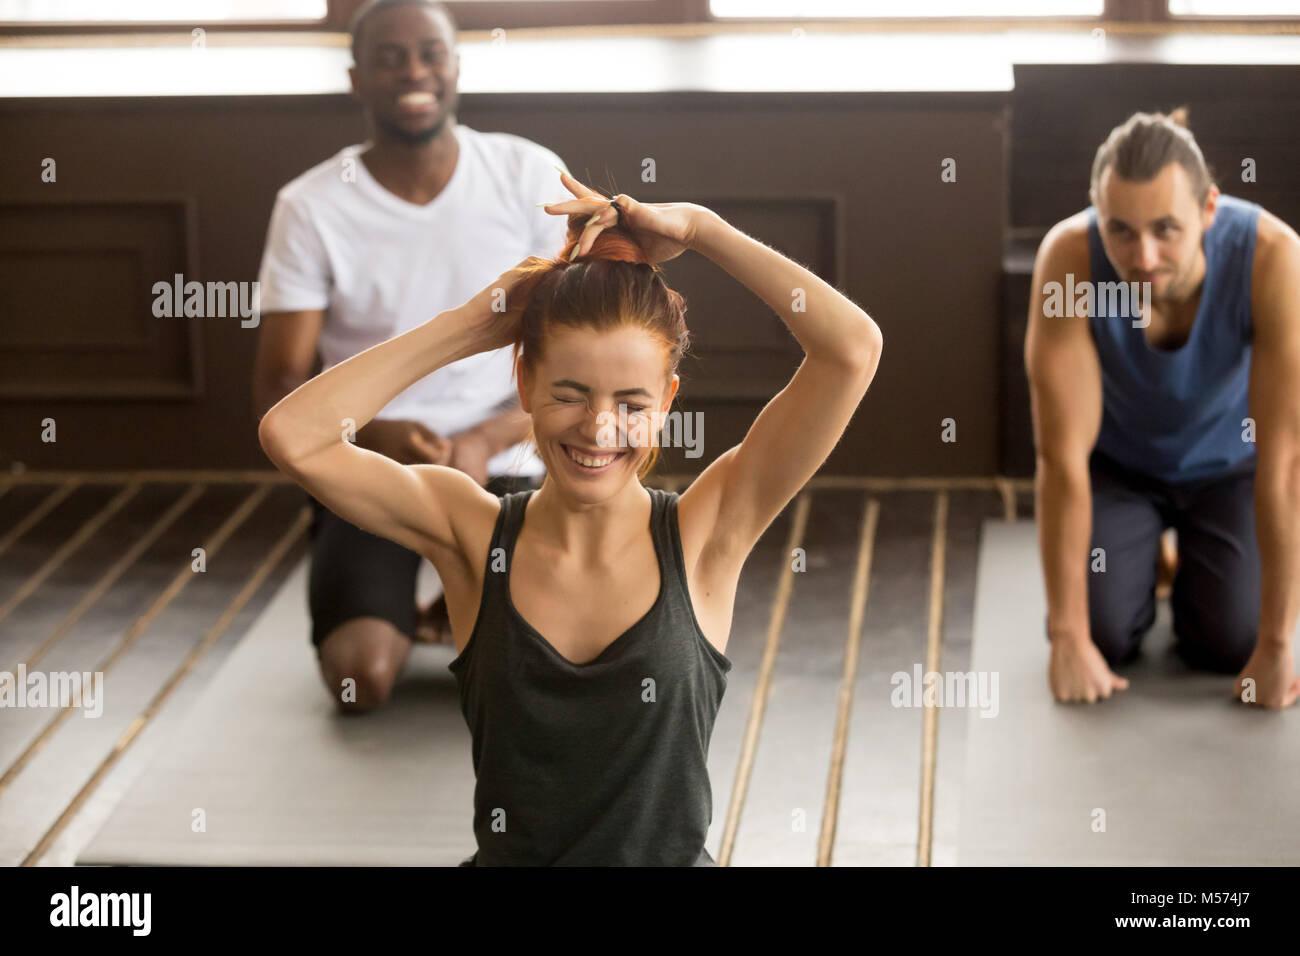 Funny giovane donna rideva di multi-etnico gruppo yoga fitness cl Immagini Stock